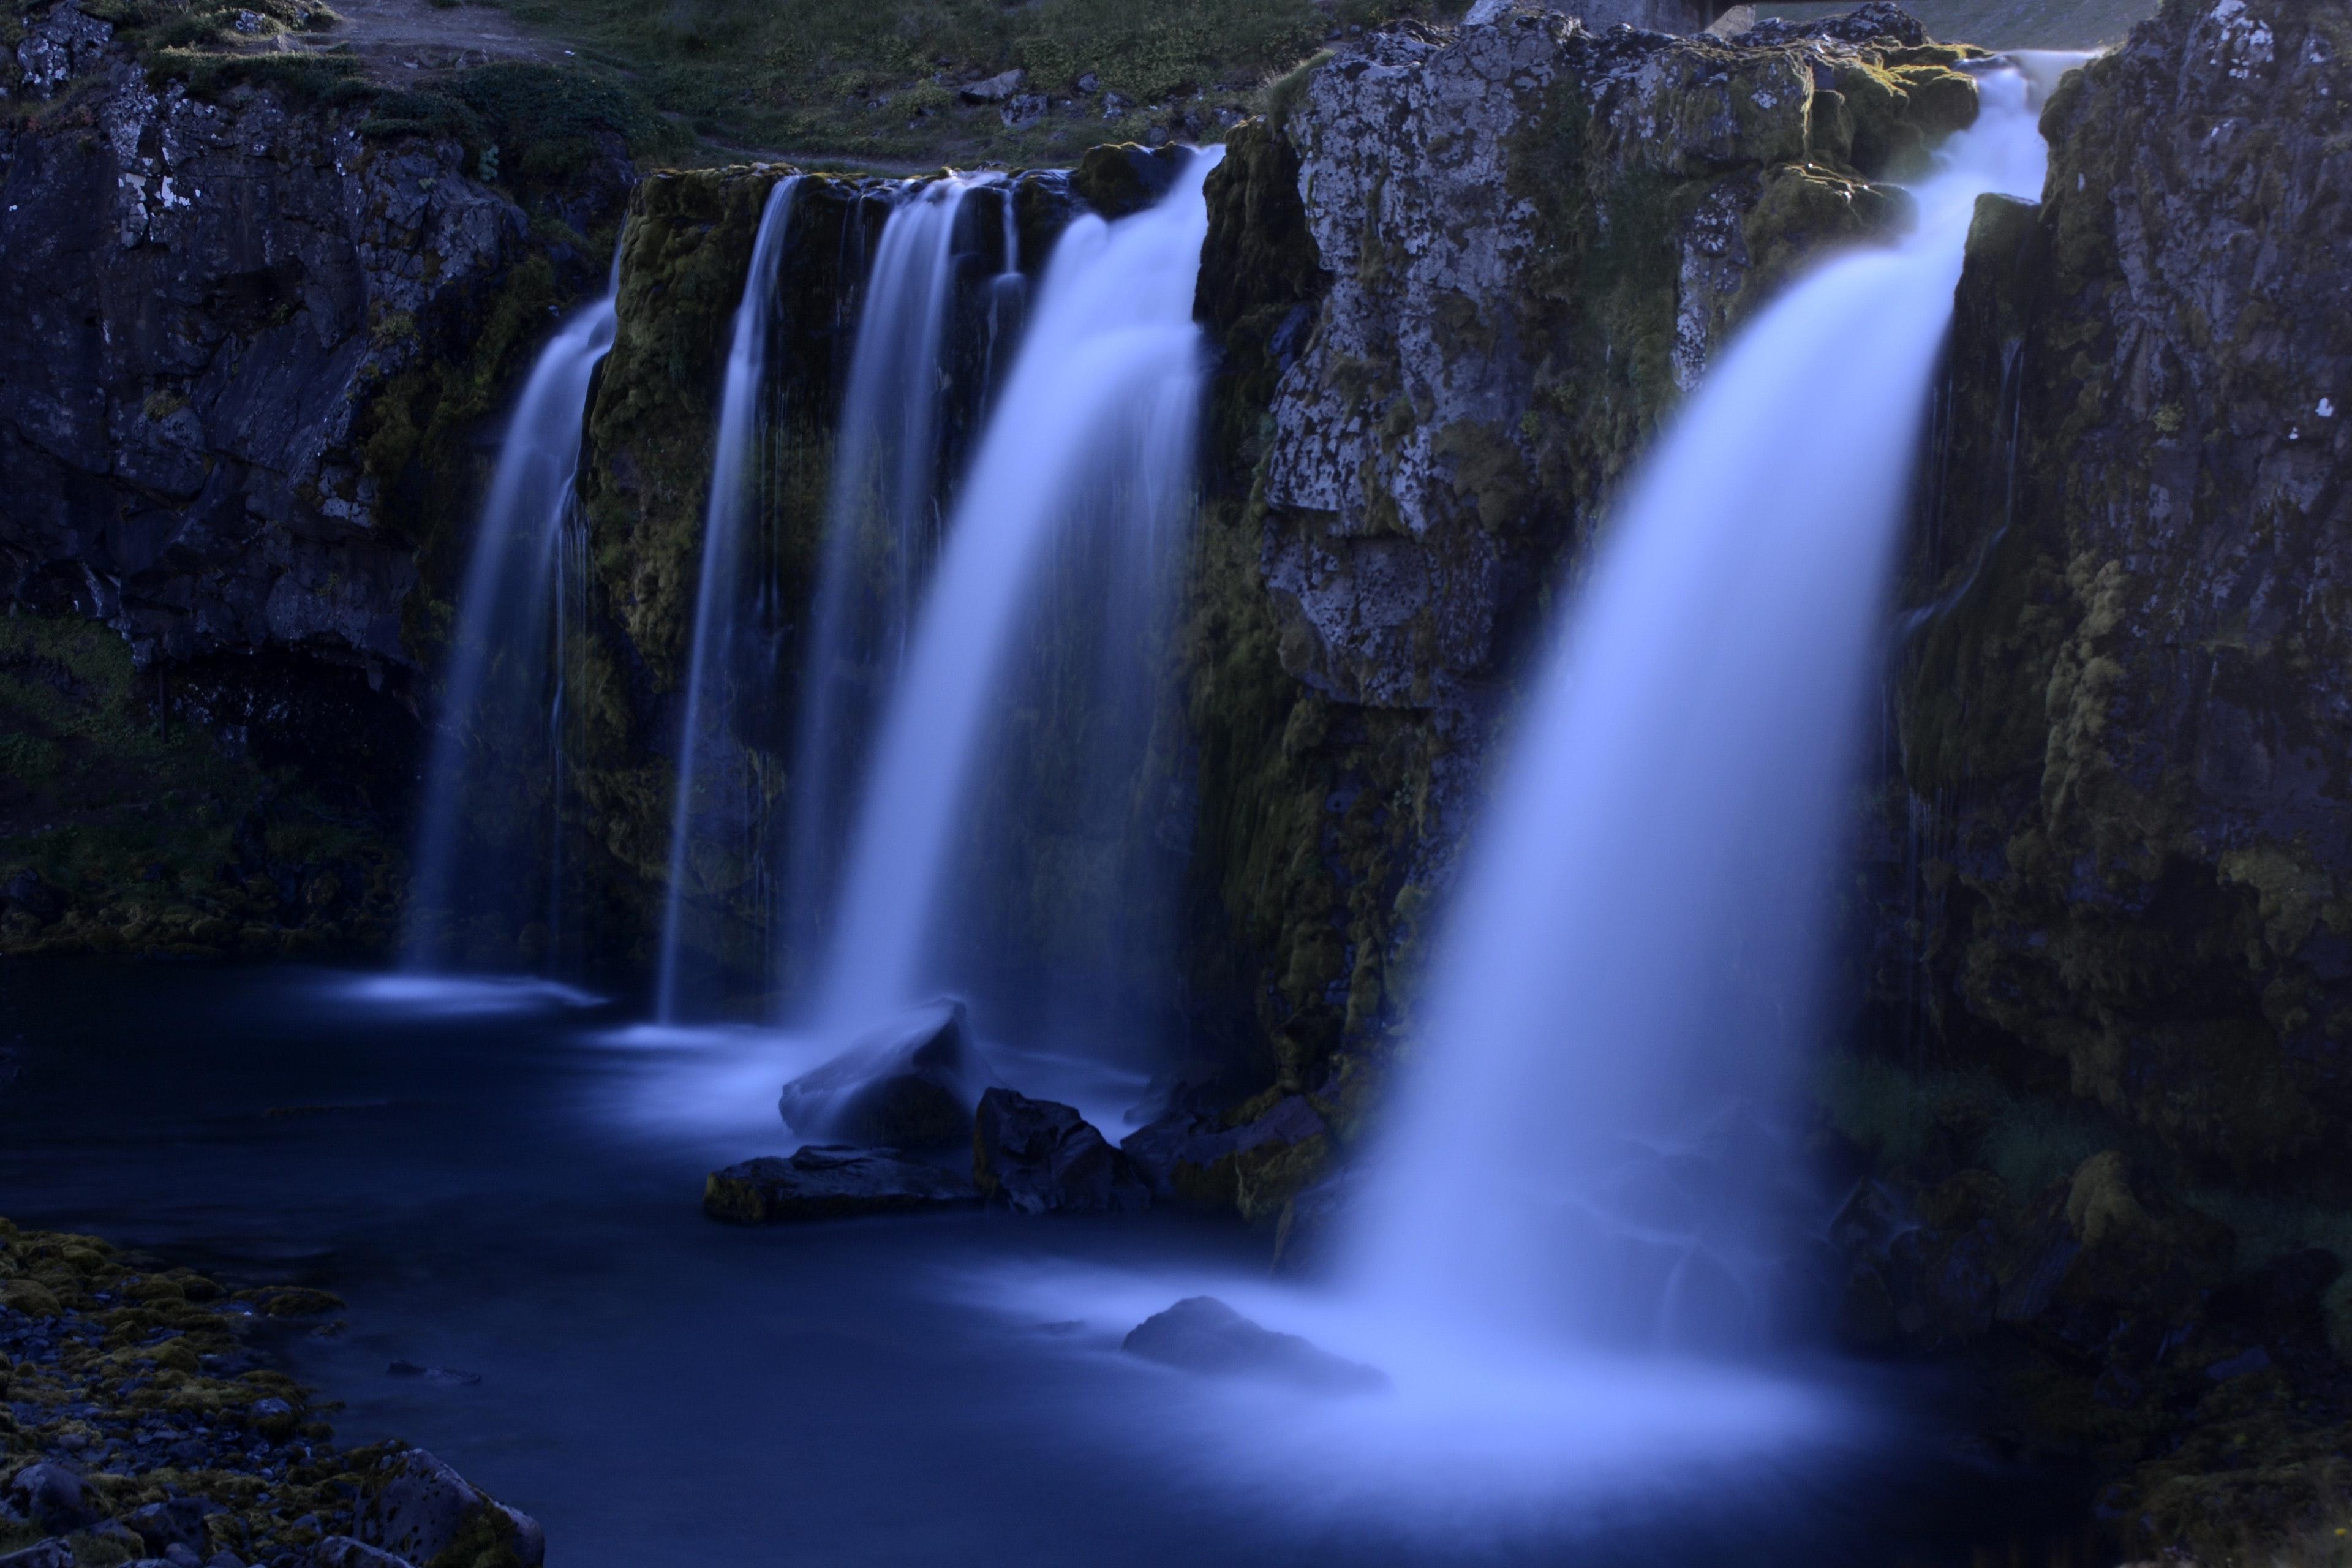 Scenic view of waterfall photo